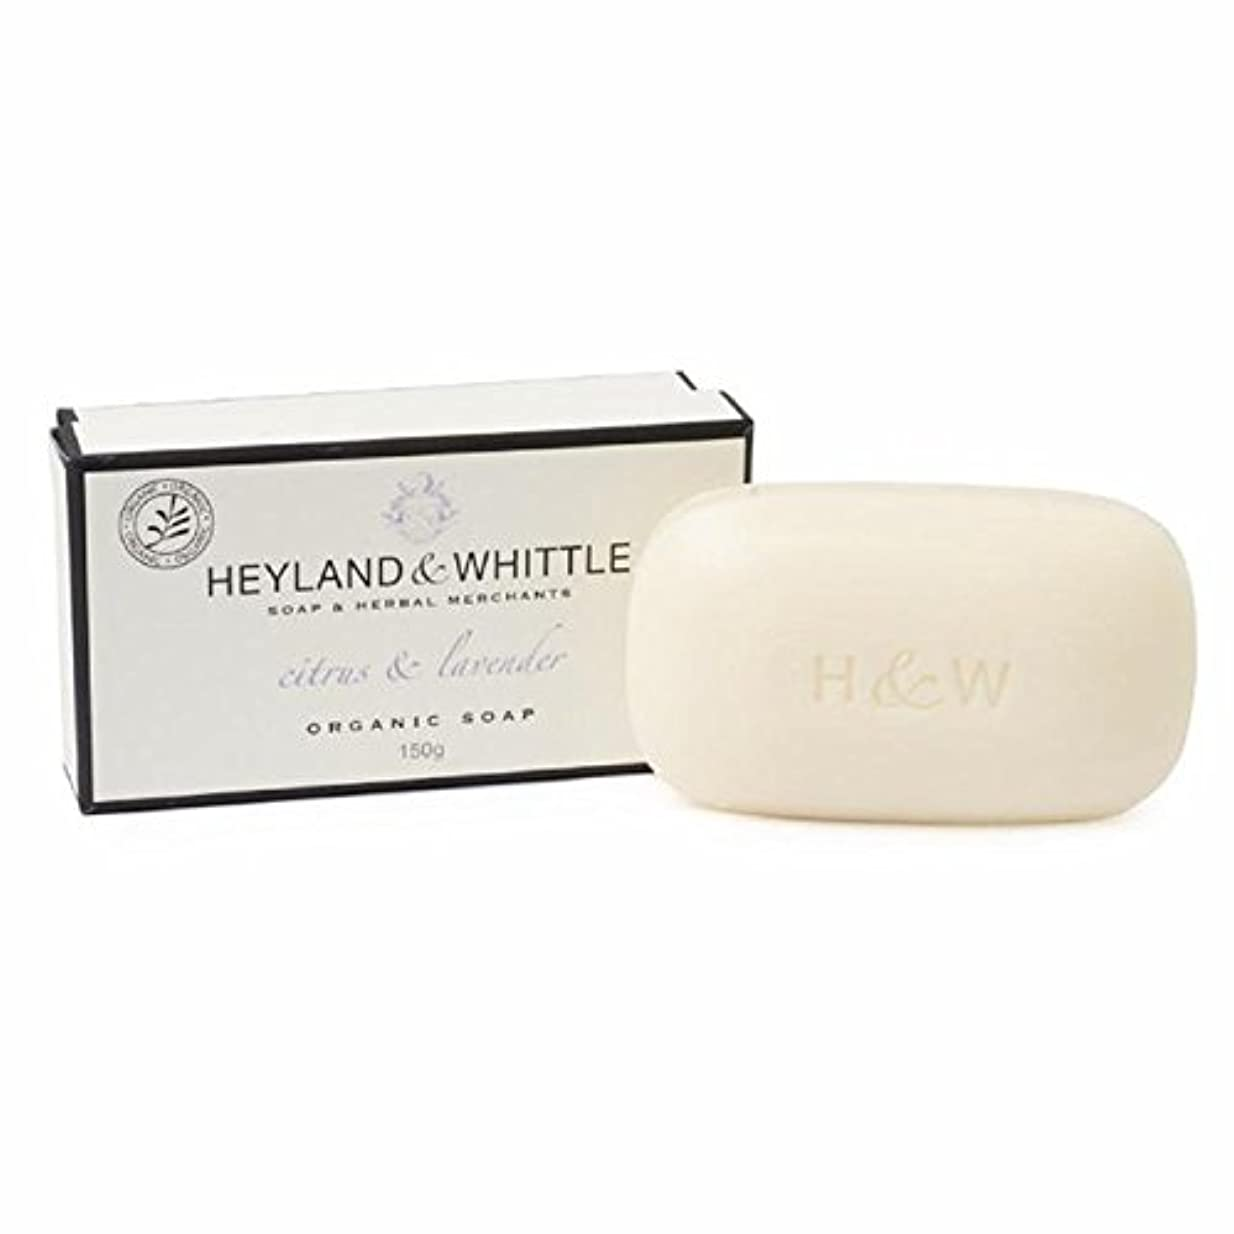 アンドリューハリディ読書をするパーク&削るシトラス&ラベンダーは、有機石鹸150グラム箱入り x4 - Heyland & Whittle Citrus & Lavender Boxed Organic Soap 150g (Pack of 4) [並行輸入品]